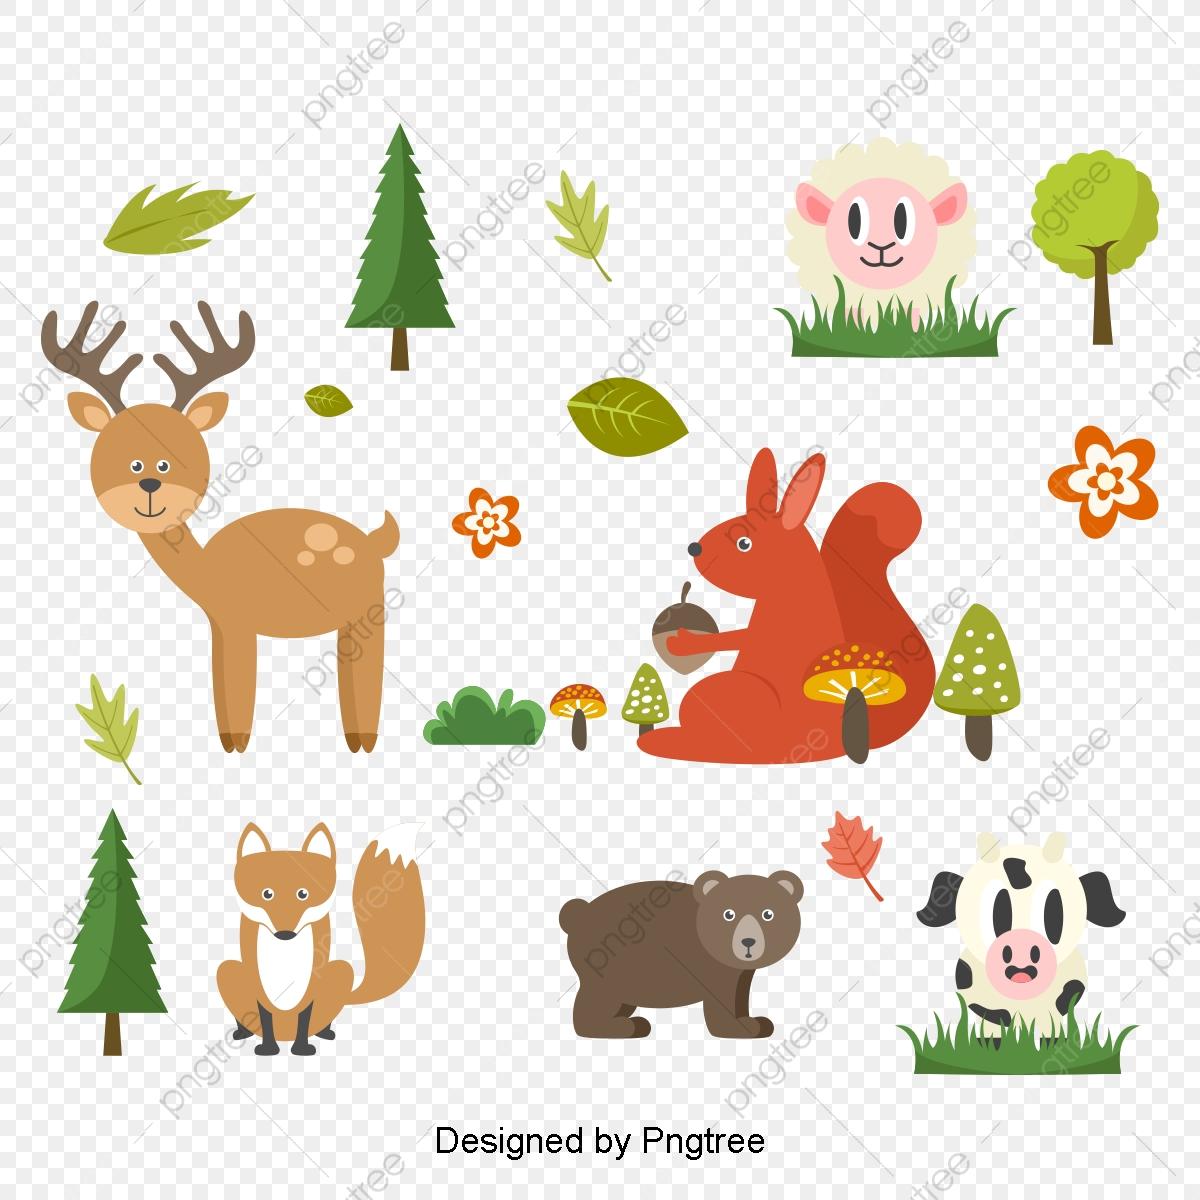 Vector Farm Animals, Farm Clipart, Vector Farm, Farm PNG and Vector.